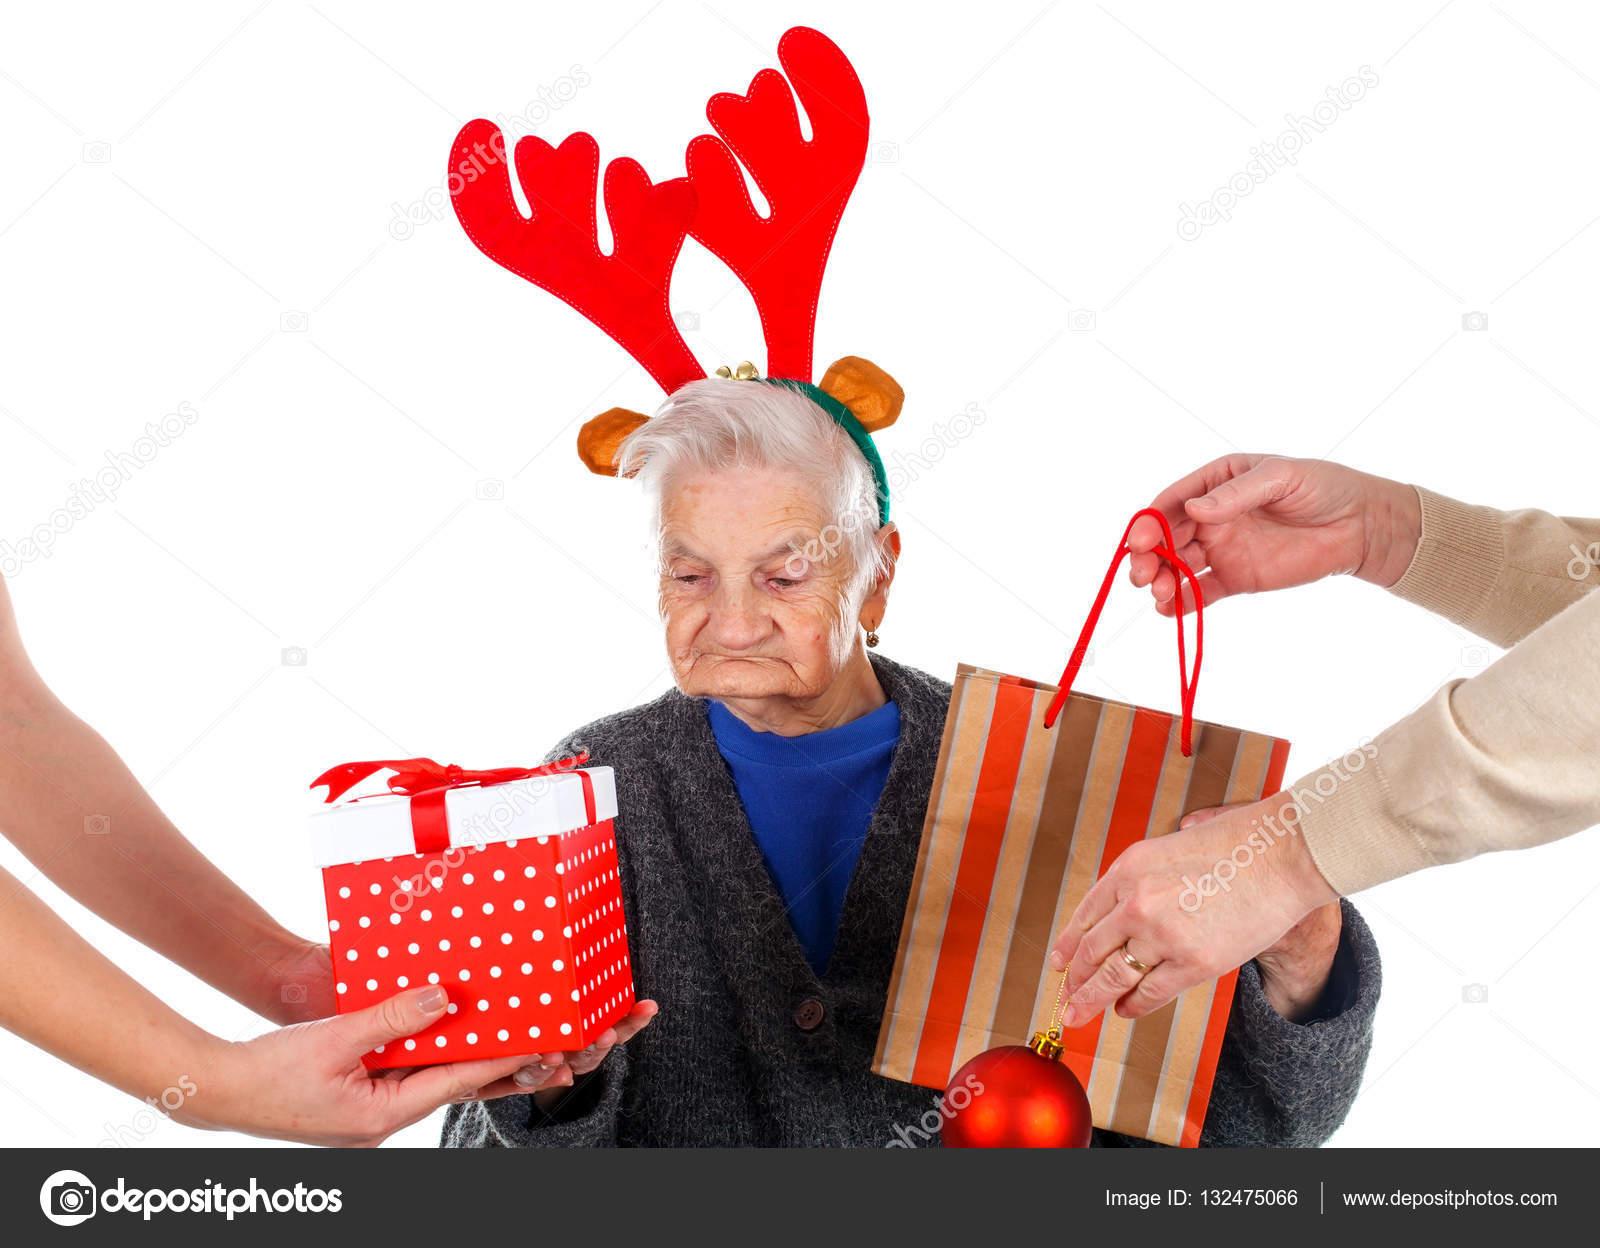 Regali Di Natale Per La Nonna.Regali Di Natale Per Una Bella Nonna Foto Stock C Ocskaymark